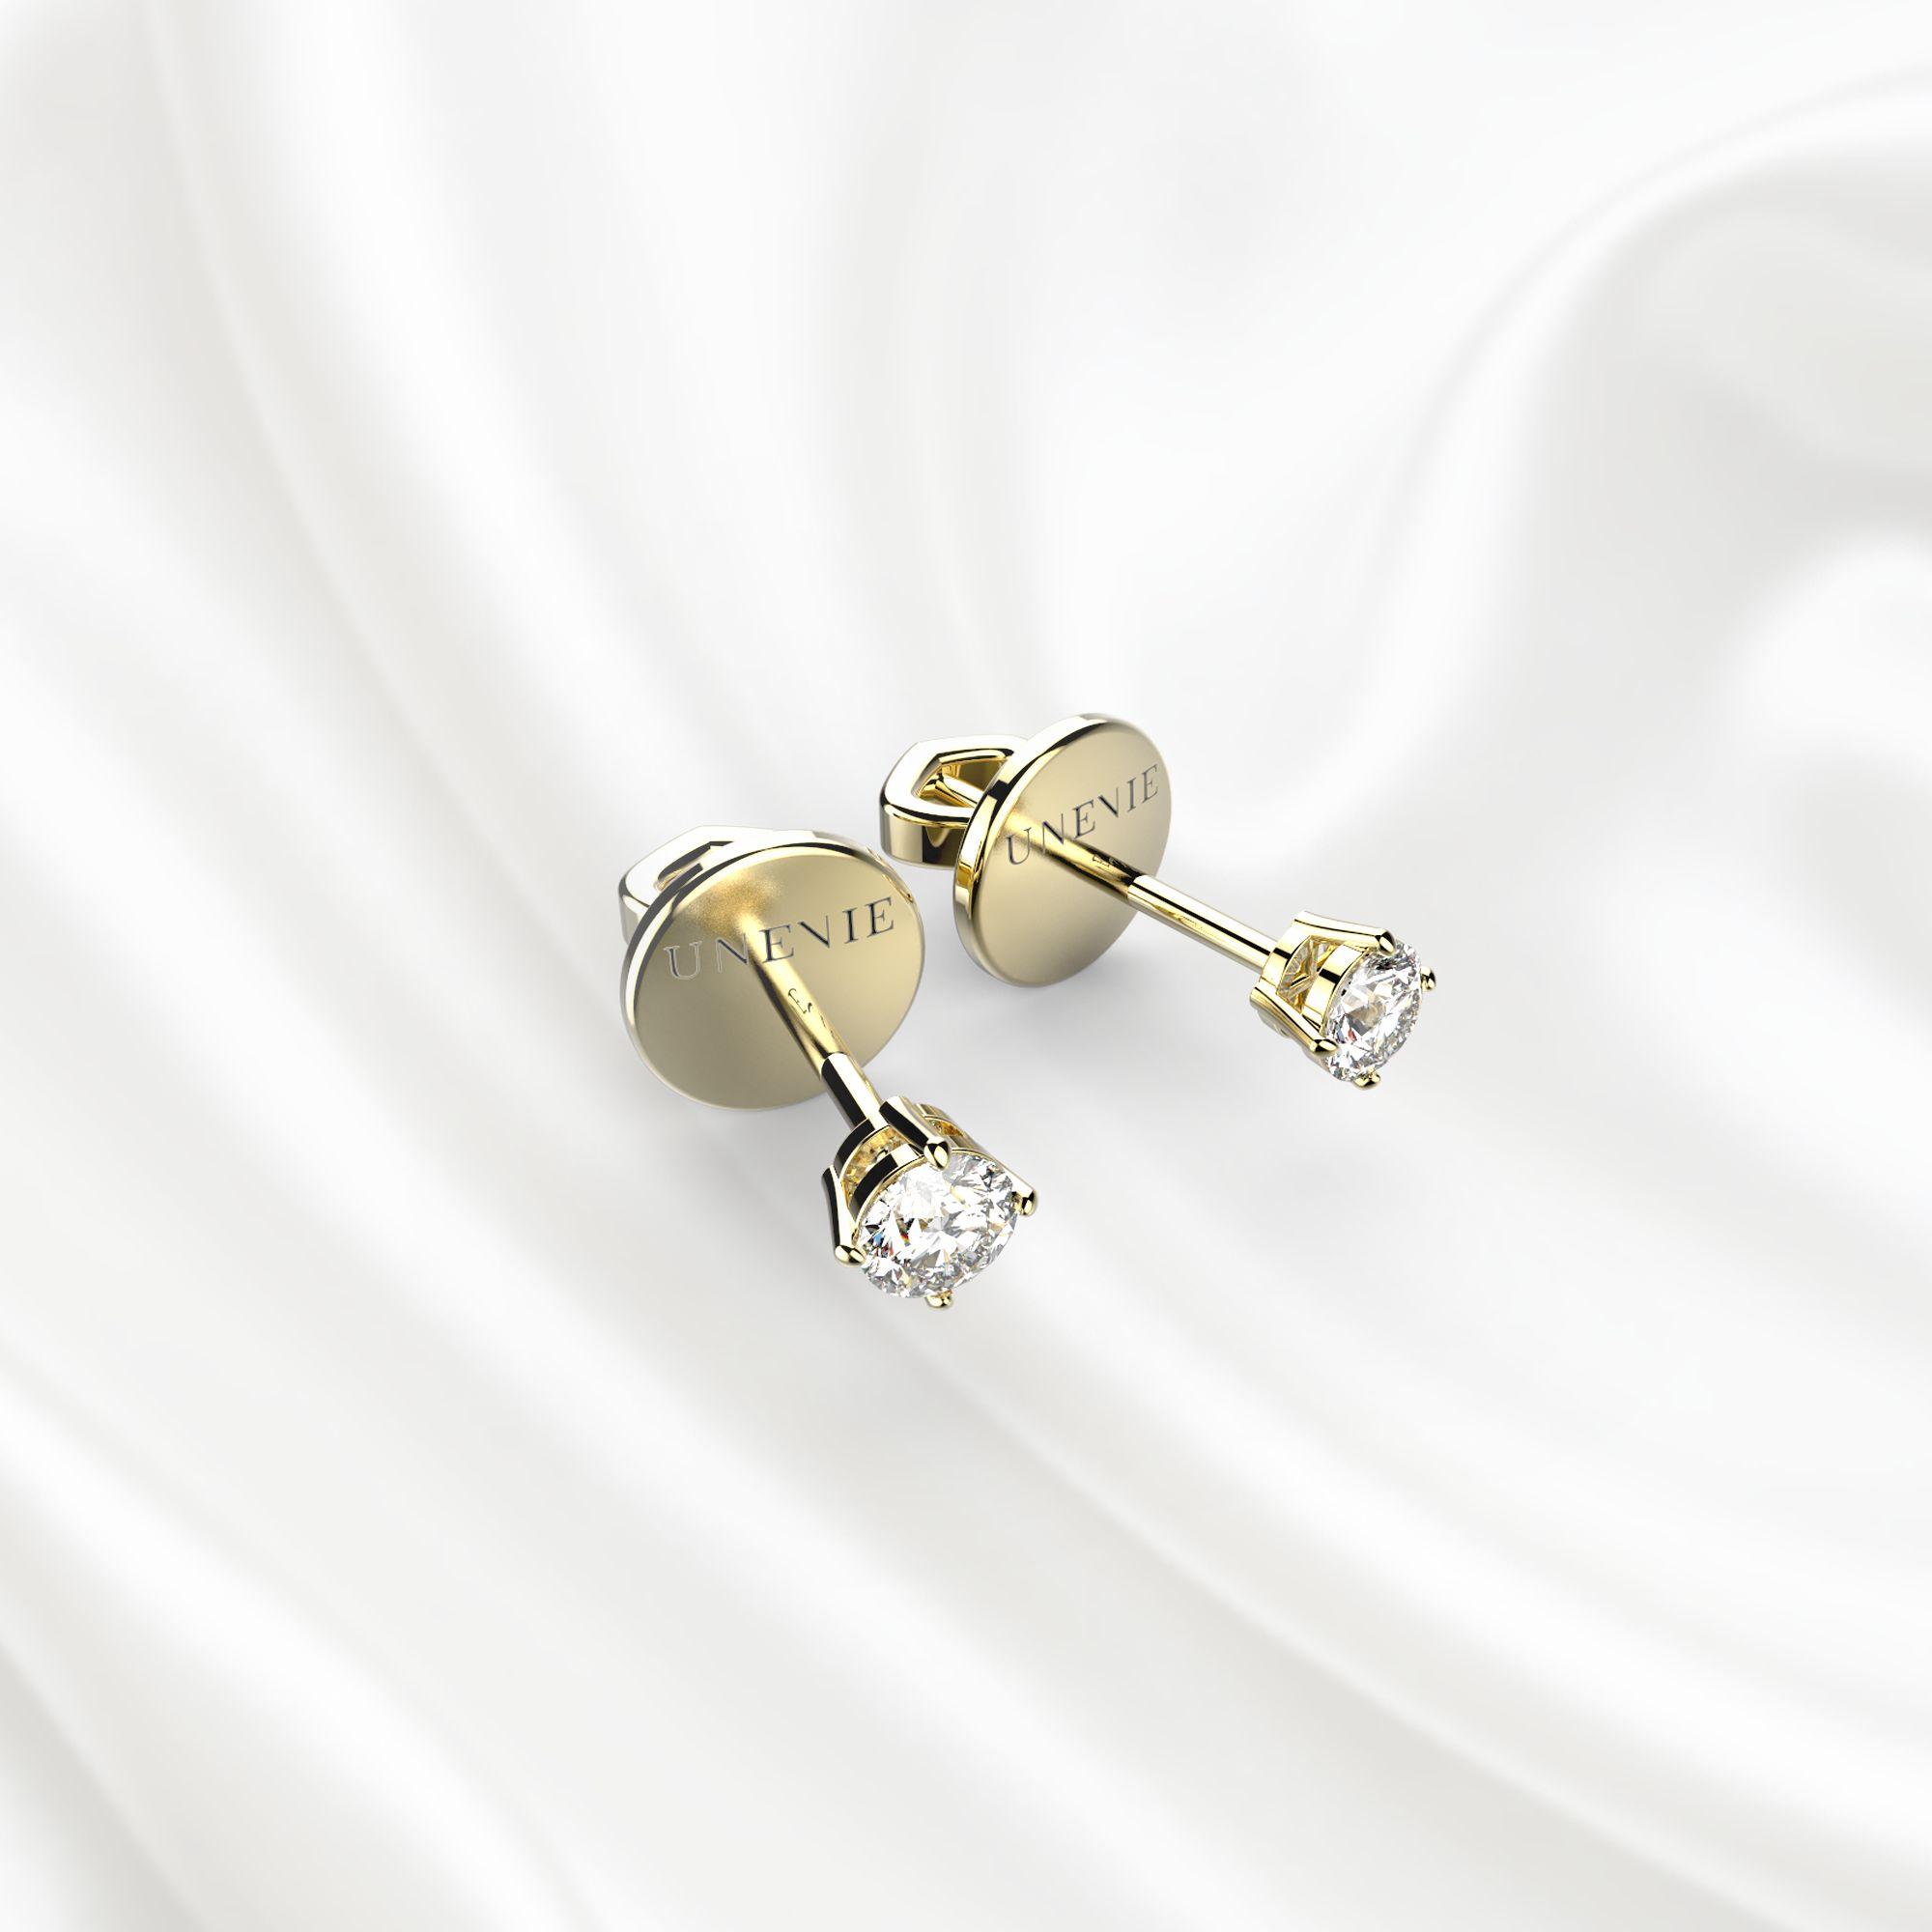 S3 Серьги- пусеты из желтого золота с бриллиантами 0,1 карат